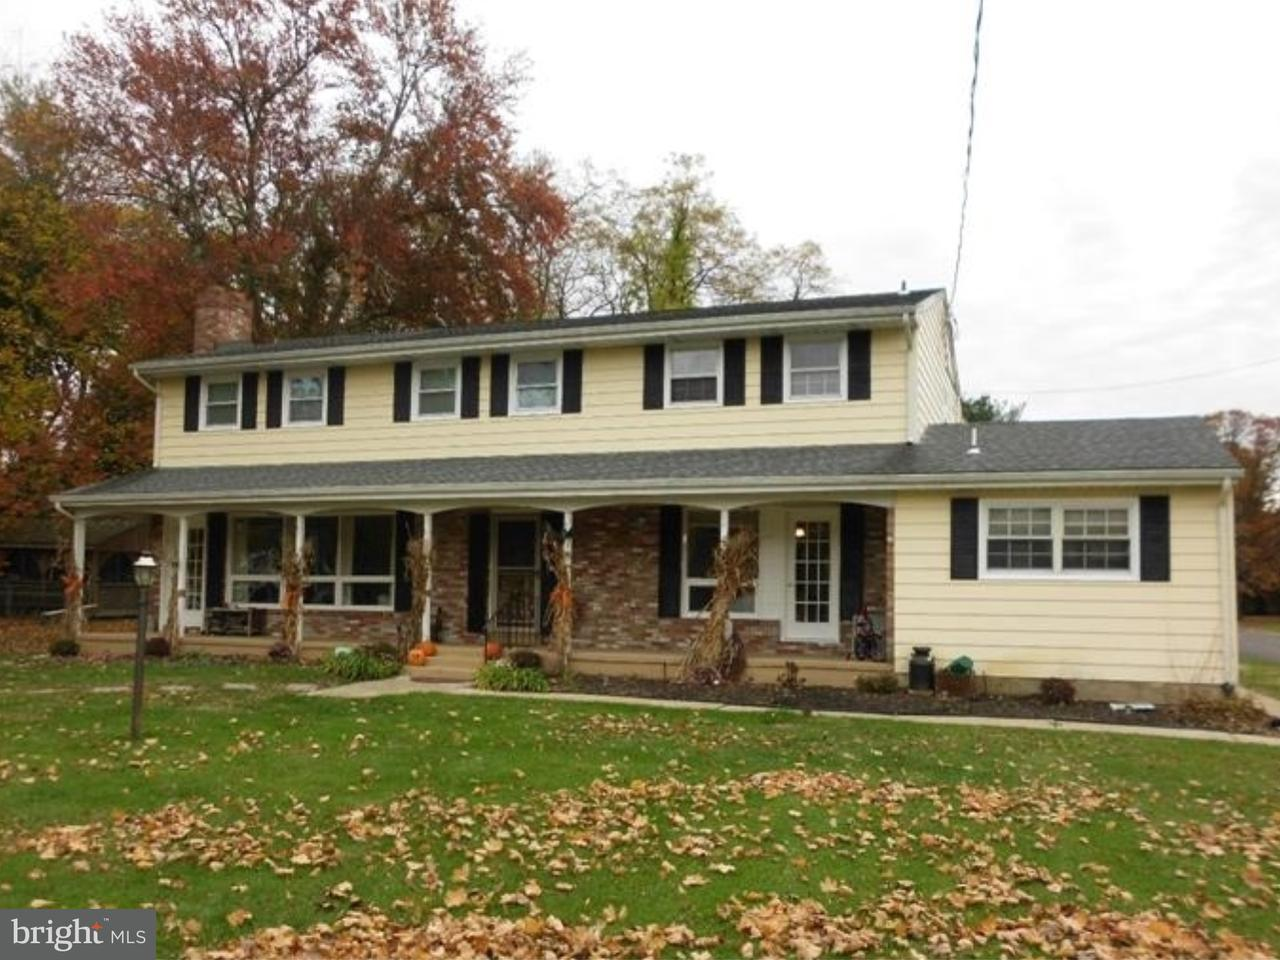 Maison unifamiliale pour l Vente à 406 MAIN Street Juliustown, New Jersey 08042 États-Unis